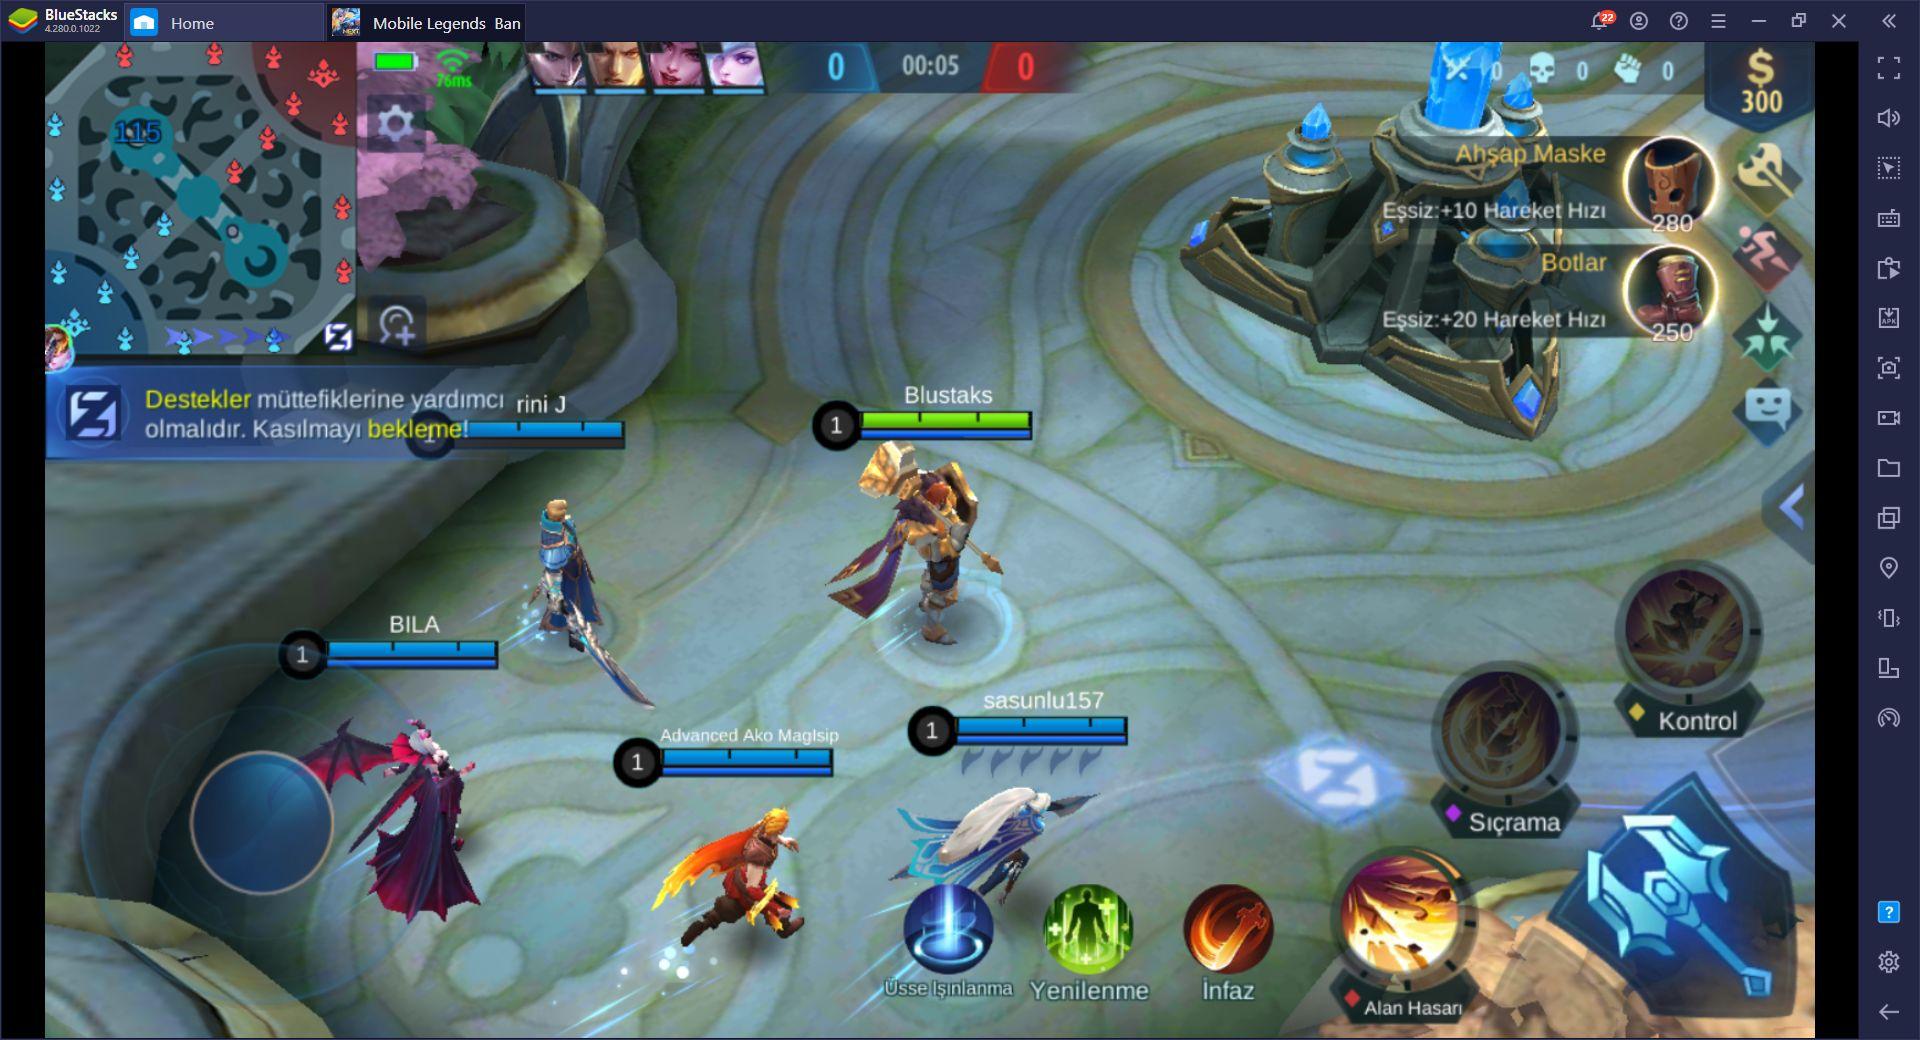 Mobile Legends Bang Bang Destek Rolü Rehberi